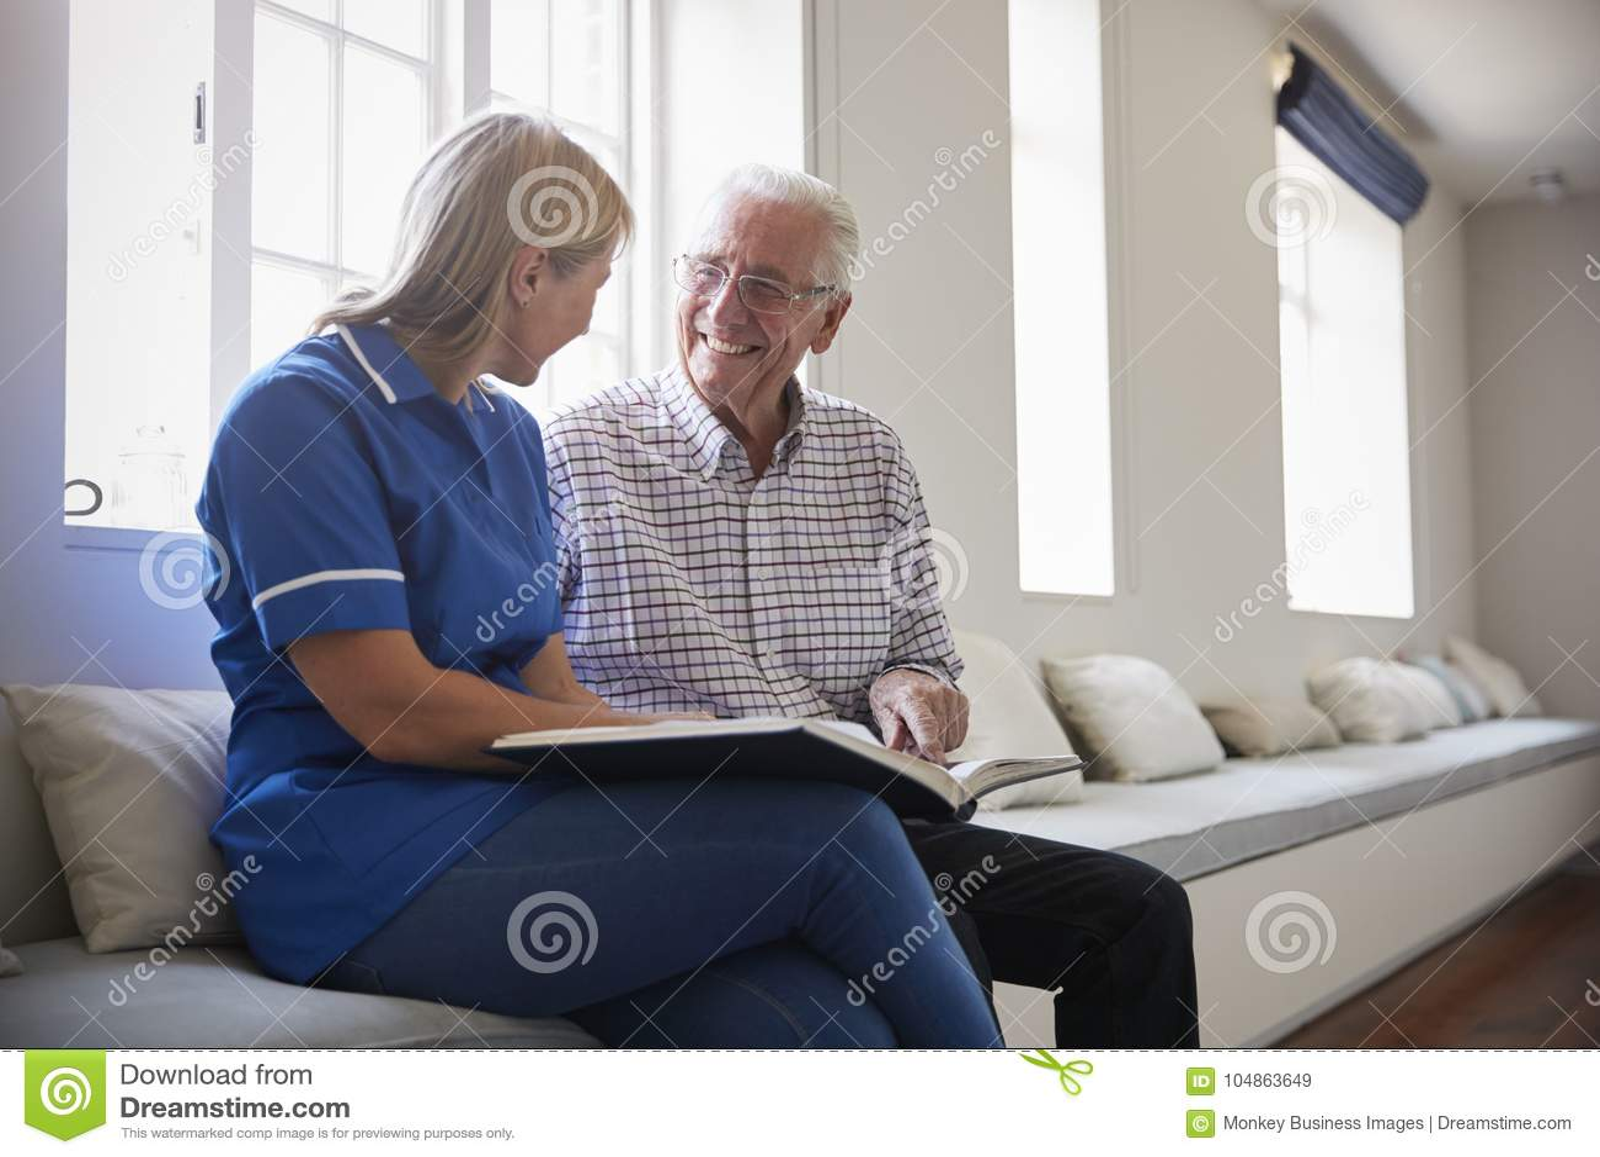 Hogere mensenzitting die fotoalbum bekijken met zorgverpleegster